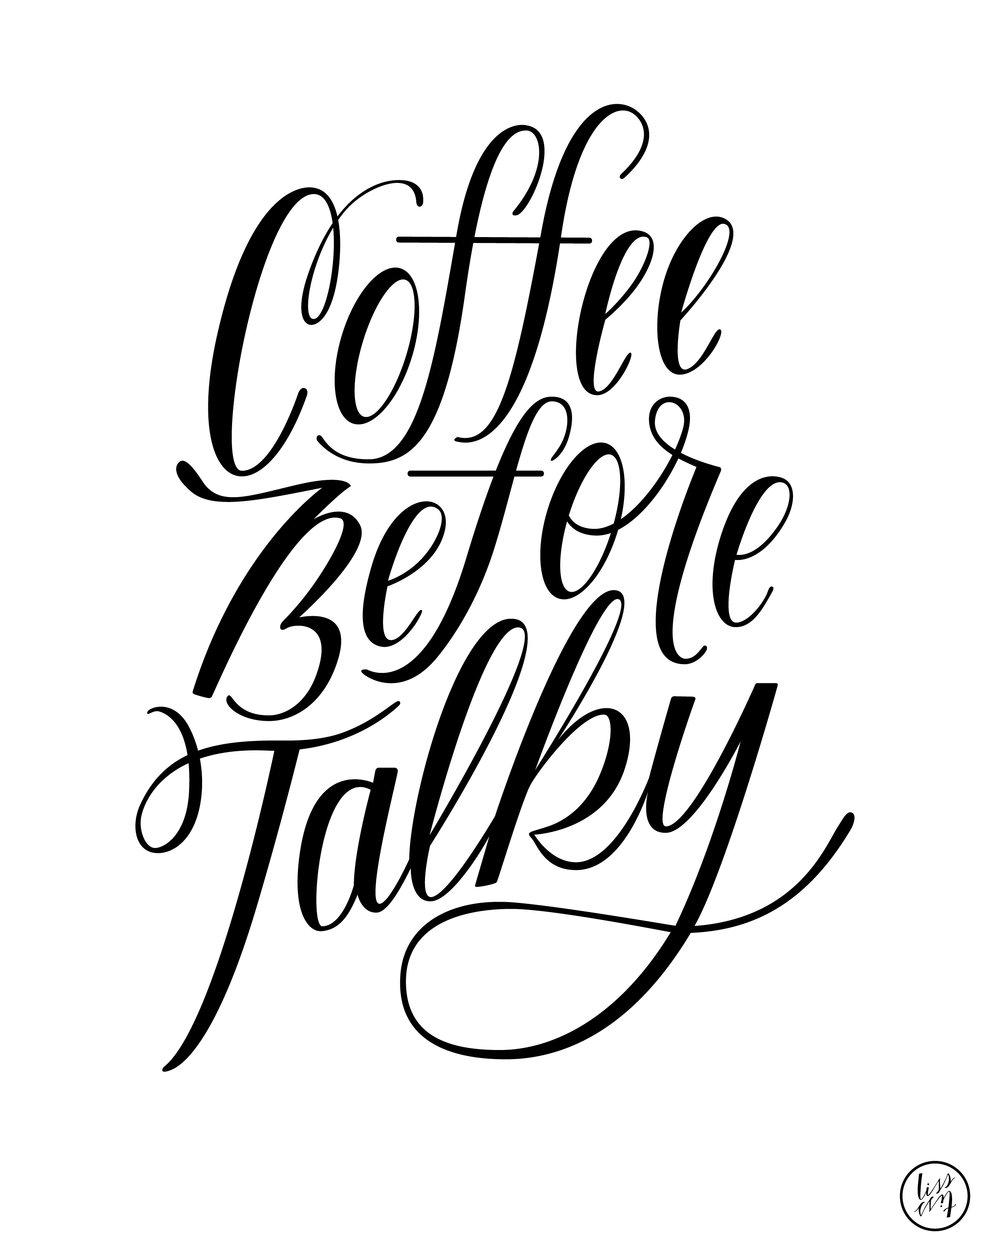 coffeeb4talky.jpg